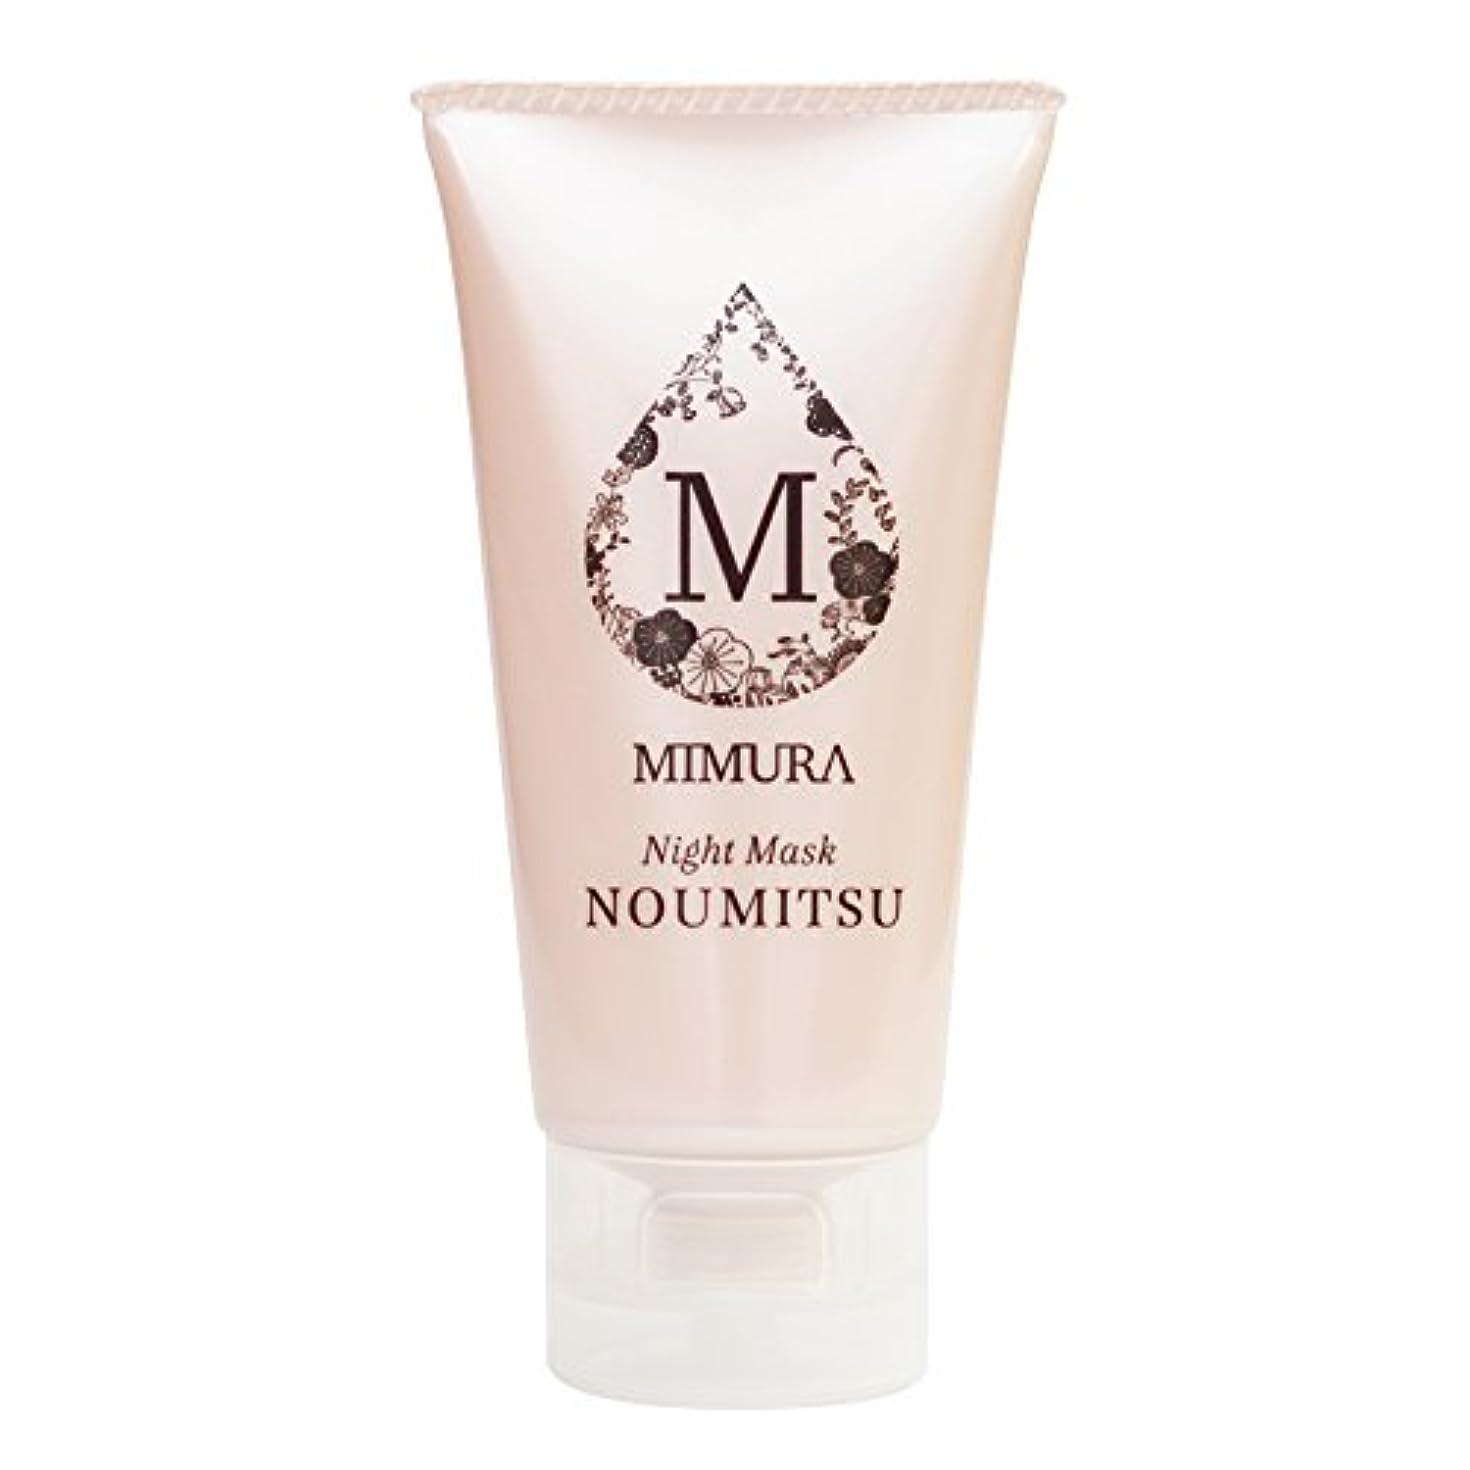 ヨーロッパソーシャル触手ナイトケアクリーム 保湿 顔 用 ミムラ ナイトマスク NOUMITSU 48g MIMURA 乾燥肌 日本製